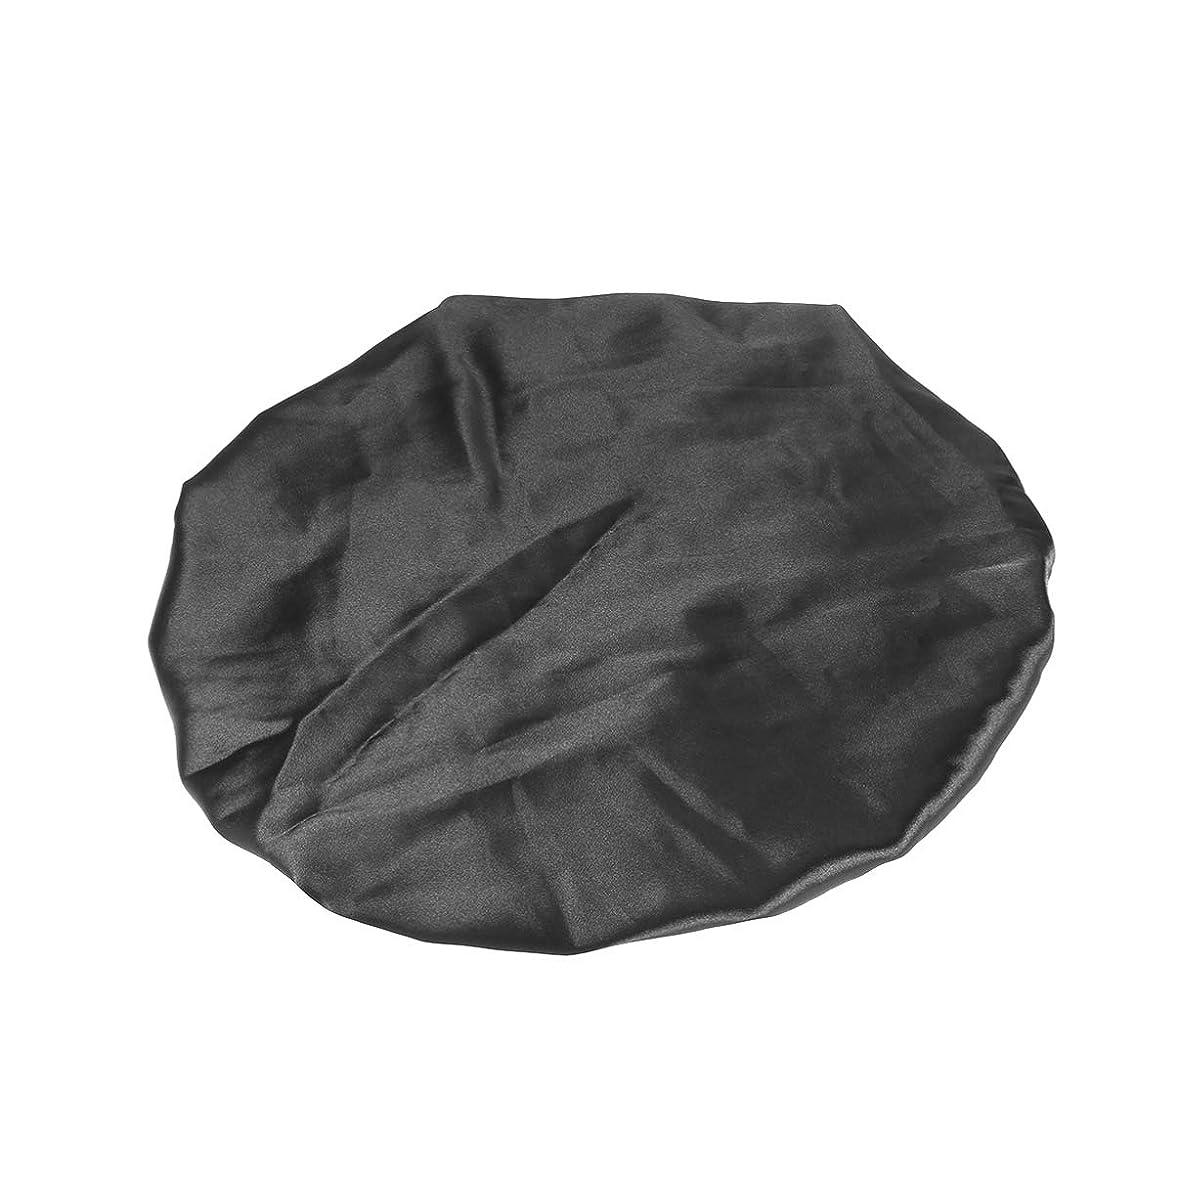 びっくりしたランプ保持Healifty スリープキャップダブルデッキバスキャップ(黒)